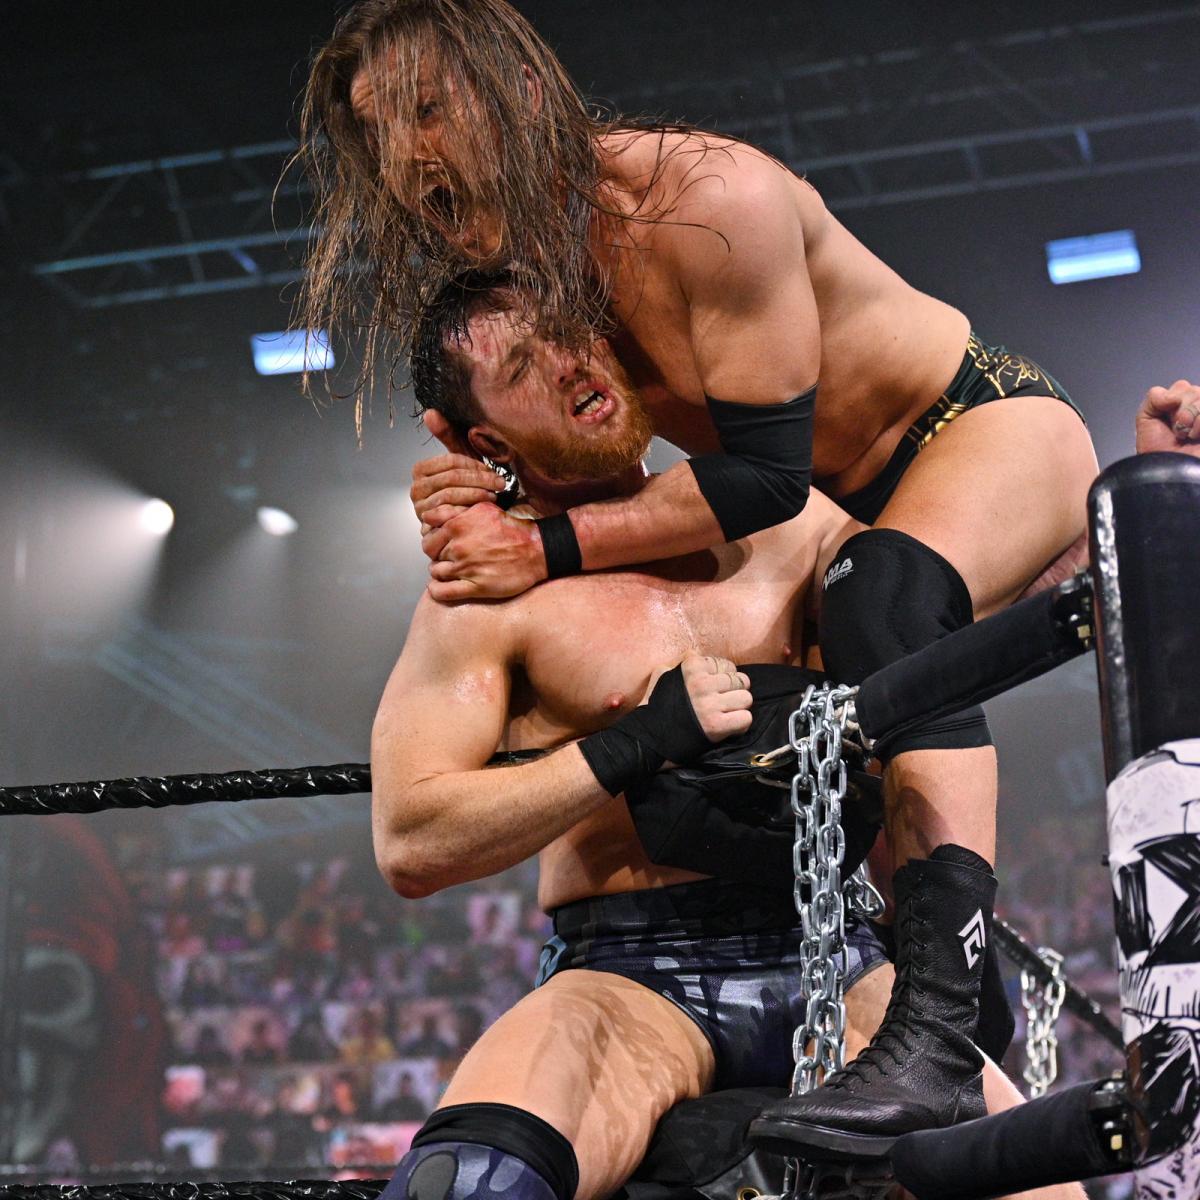 コーナー付近でアダム・コール(右)と激しい攻防を繰り広げたカイル・オライリー(C)2021 WWE, Inc. All Rights Reserved.